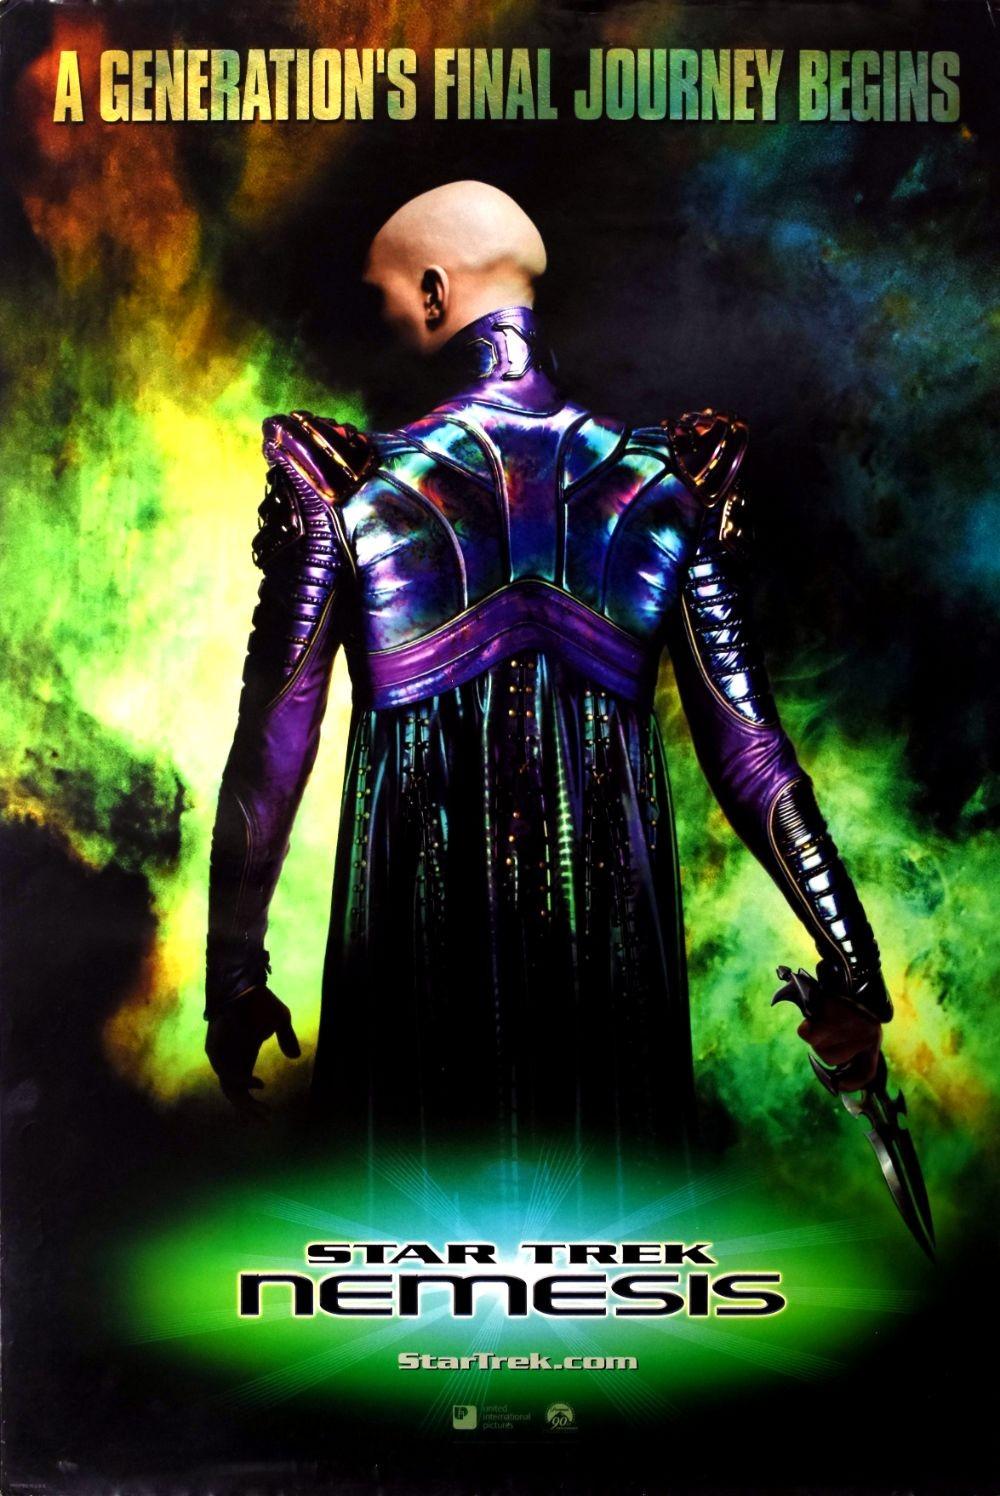 Star Trek: Nemesis original movie poster